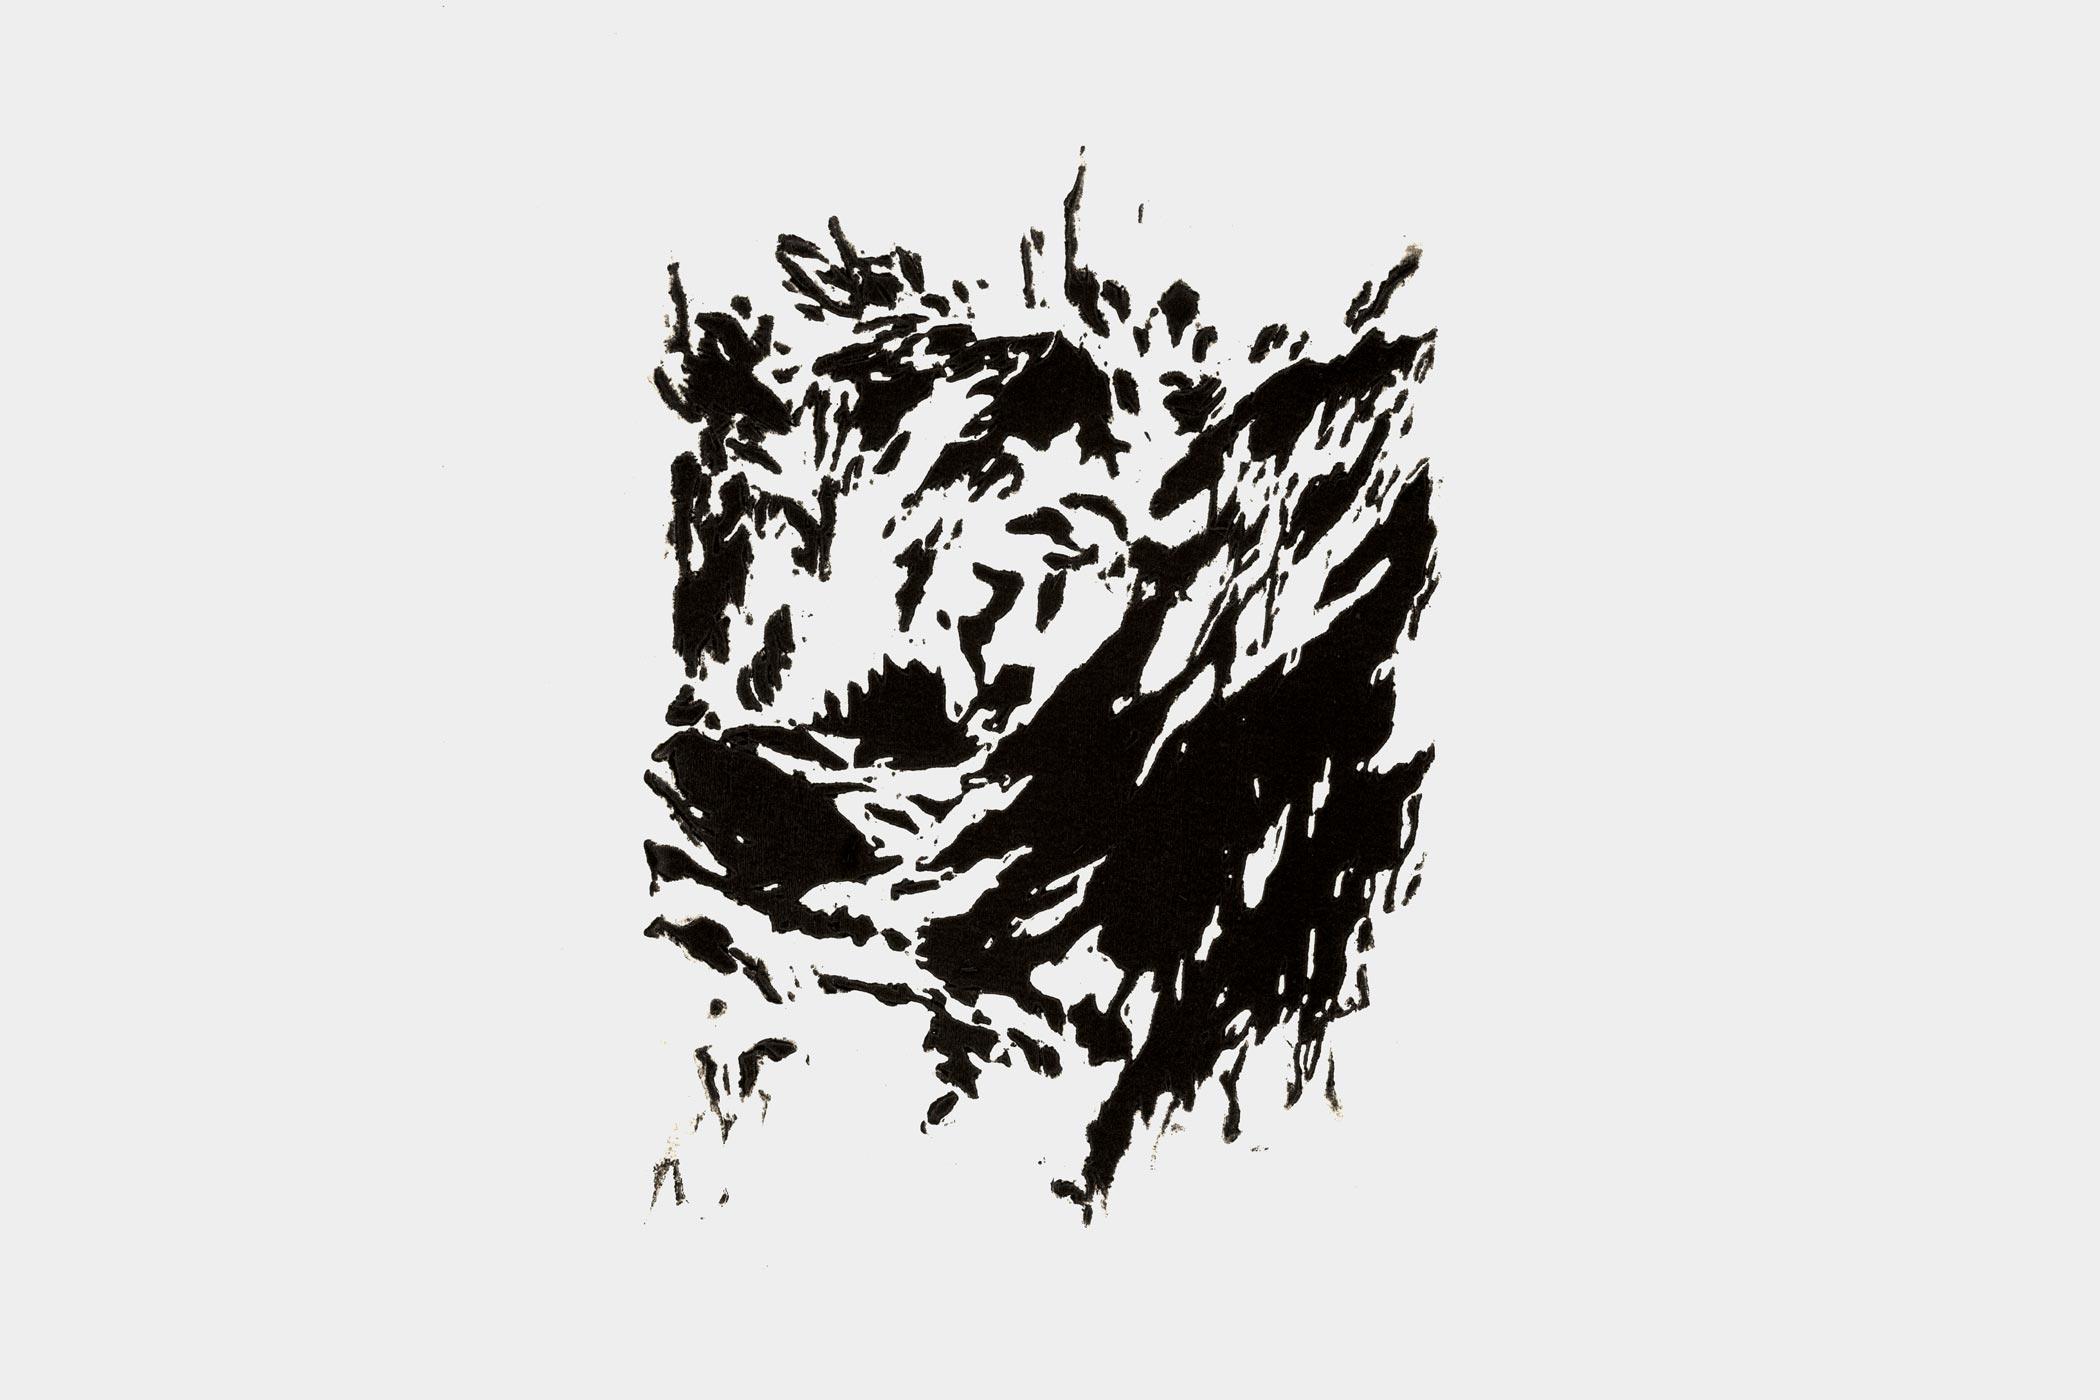 Holzschnitt von Christian Thanhäuser zu Karl Kraus